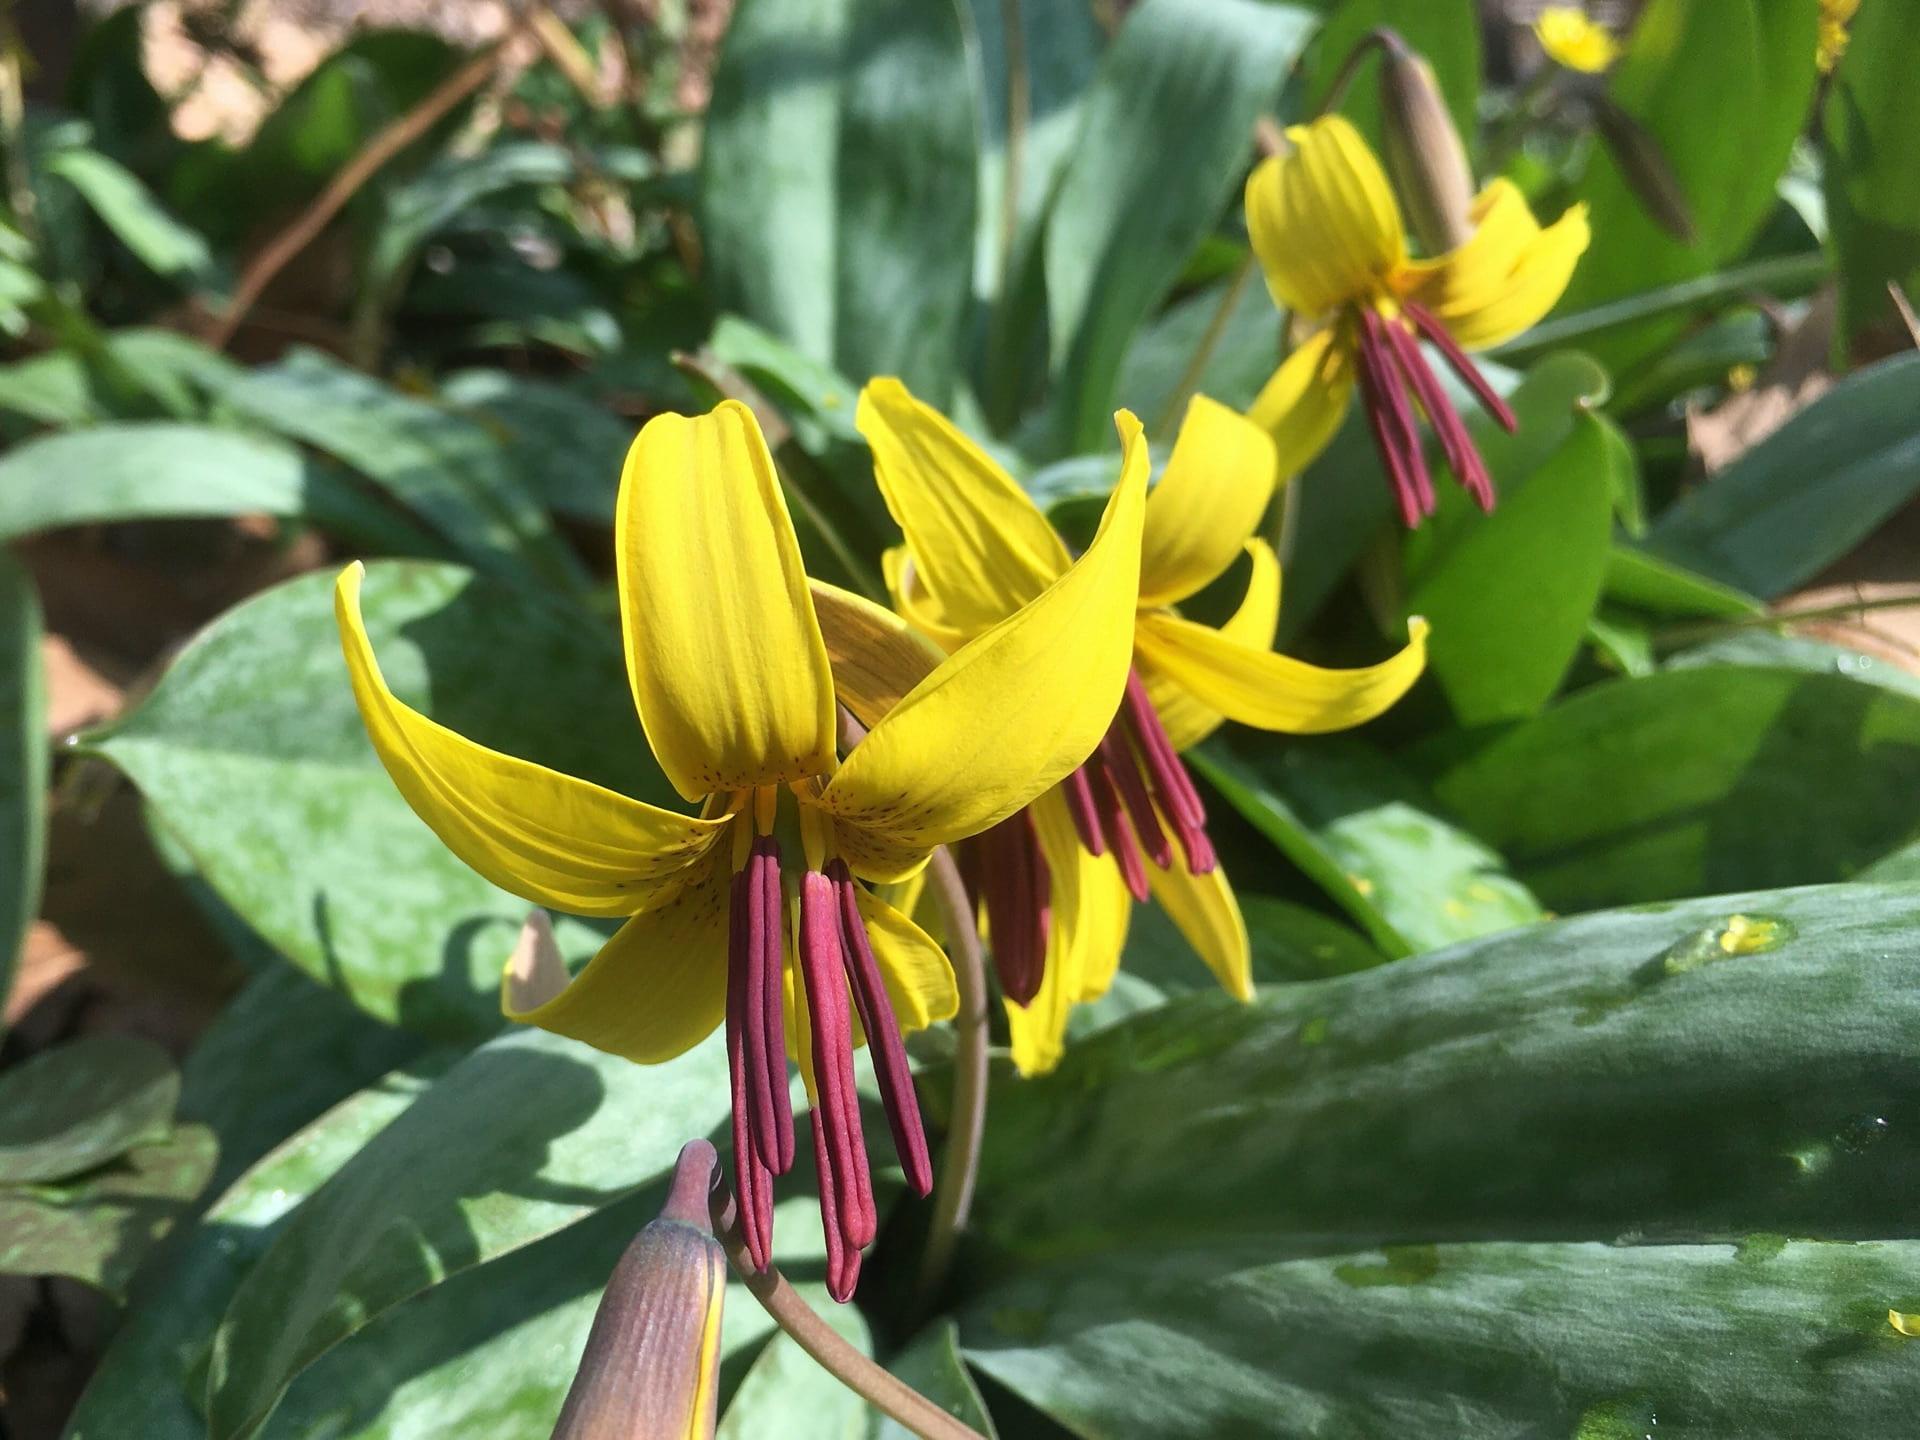 Erythronium americanum flowers look like springtime stars.